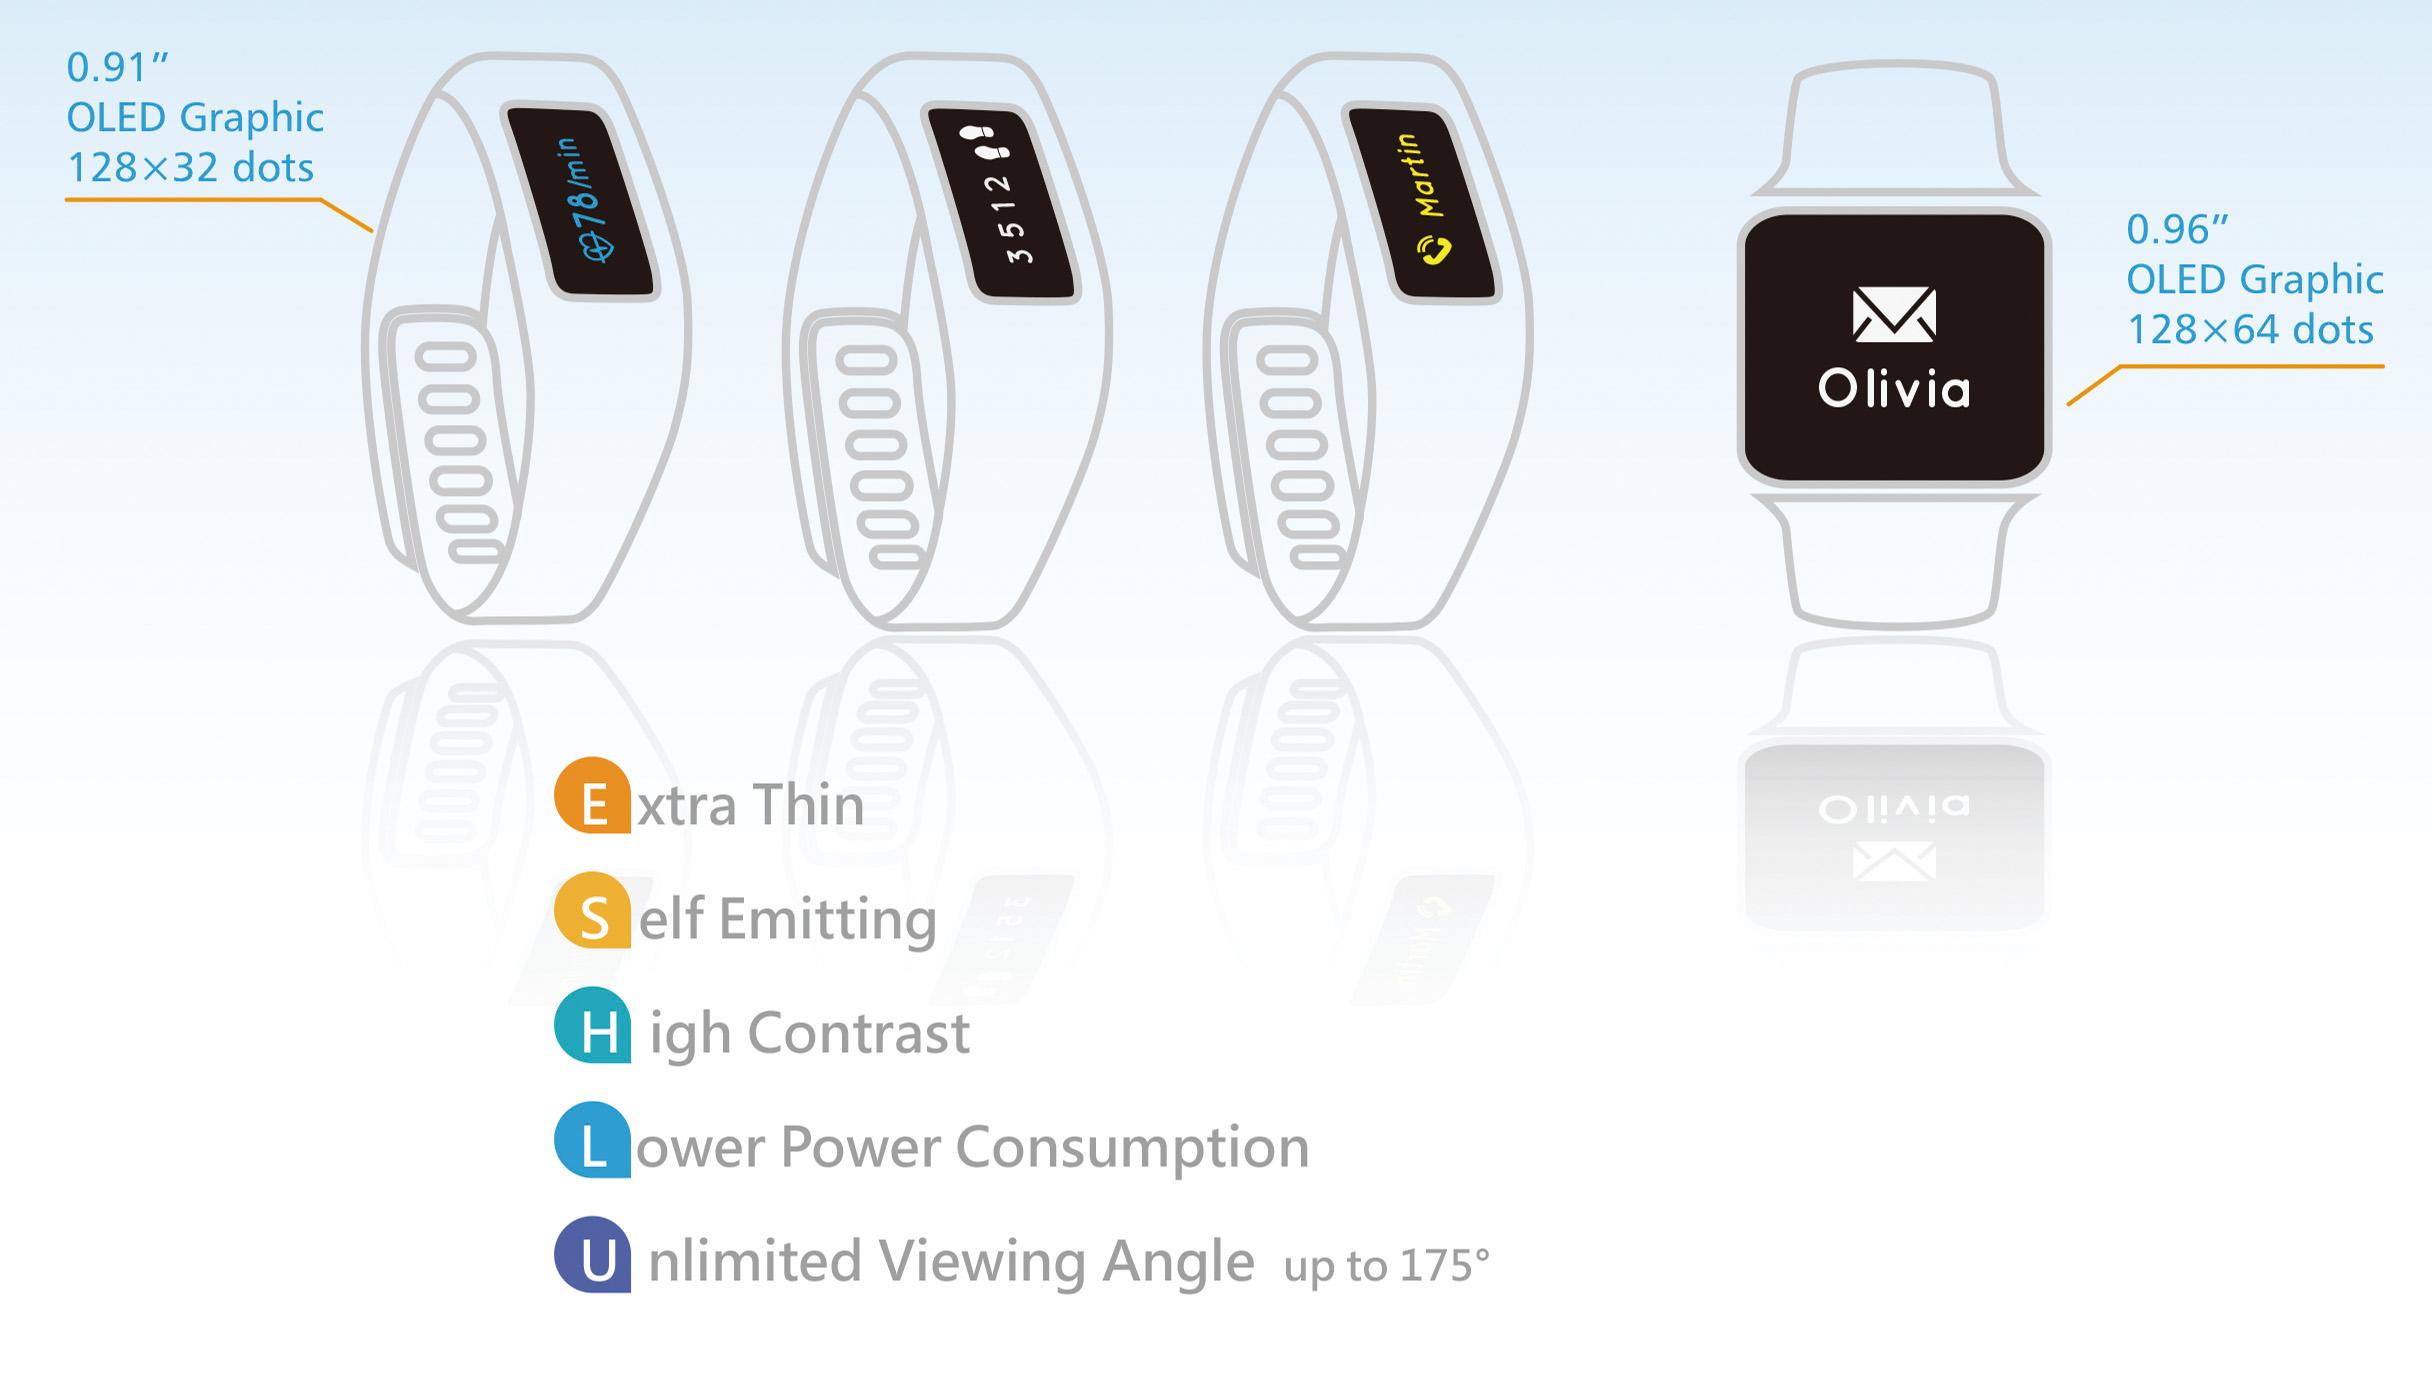 Графические OLED-дисплеи рекомендуемые для носимых устройств